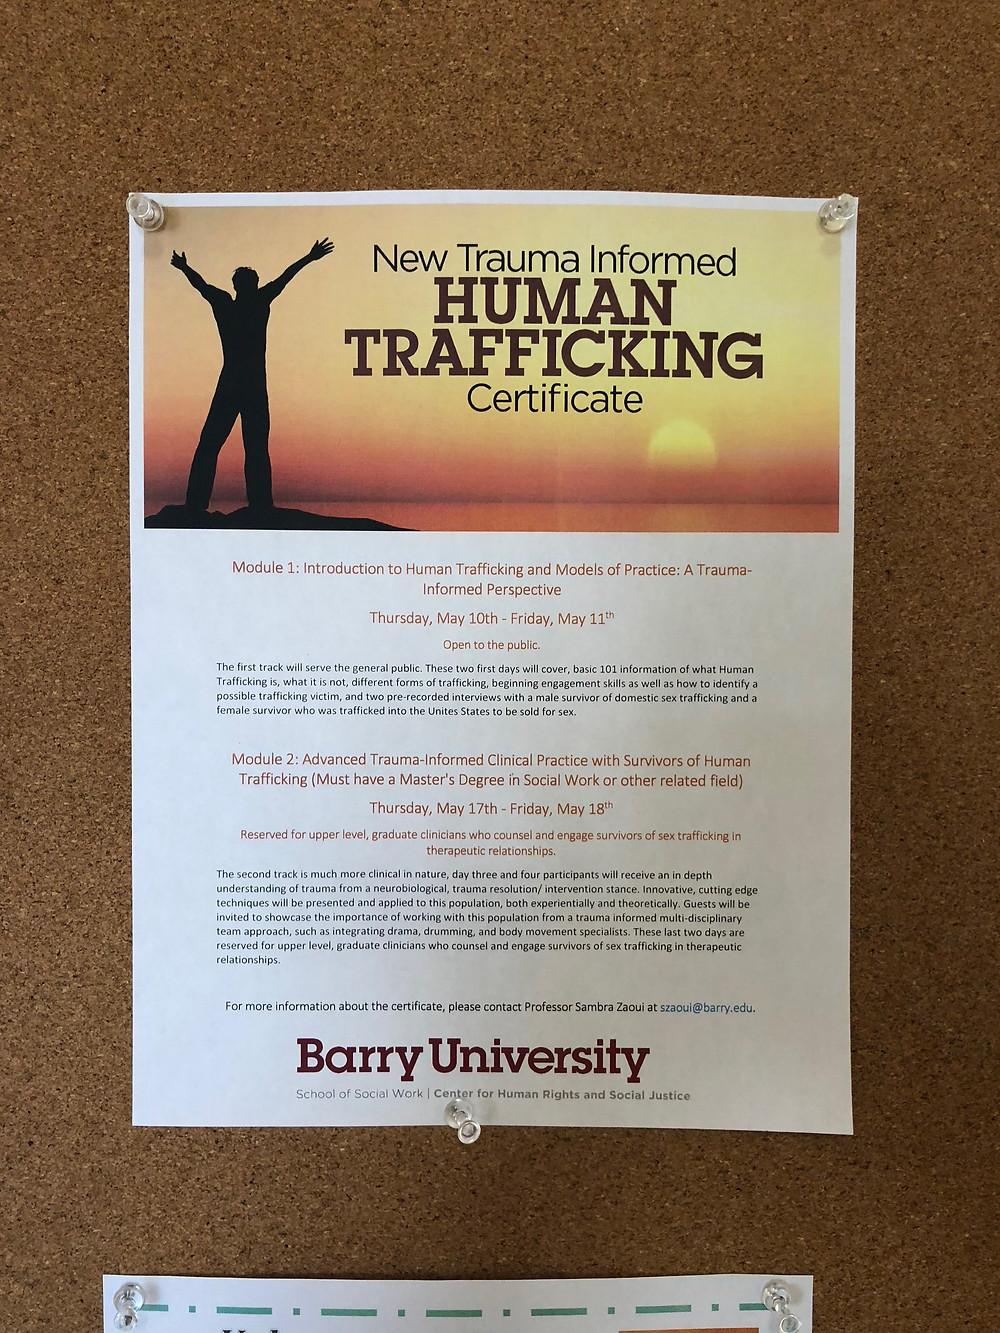 Human Trafficking Certificate Program